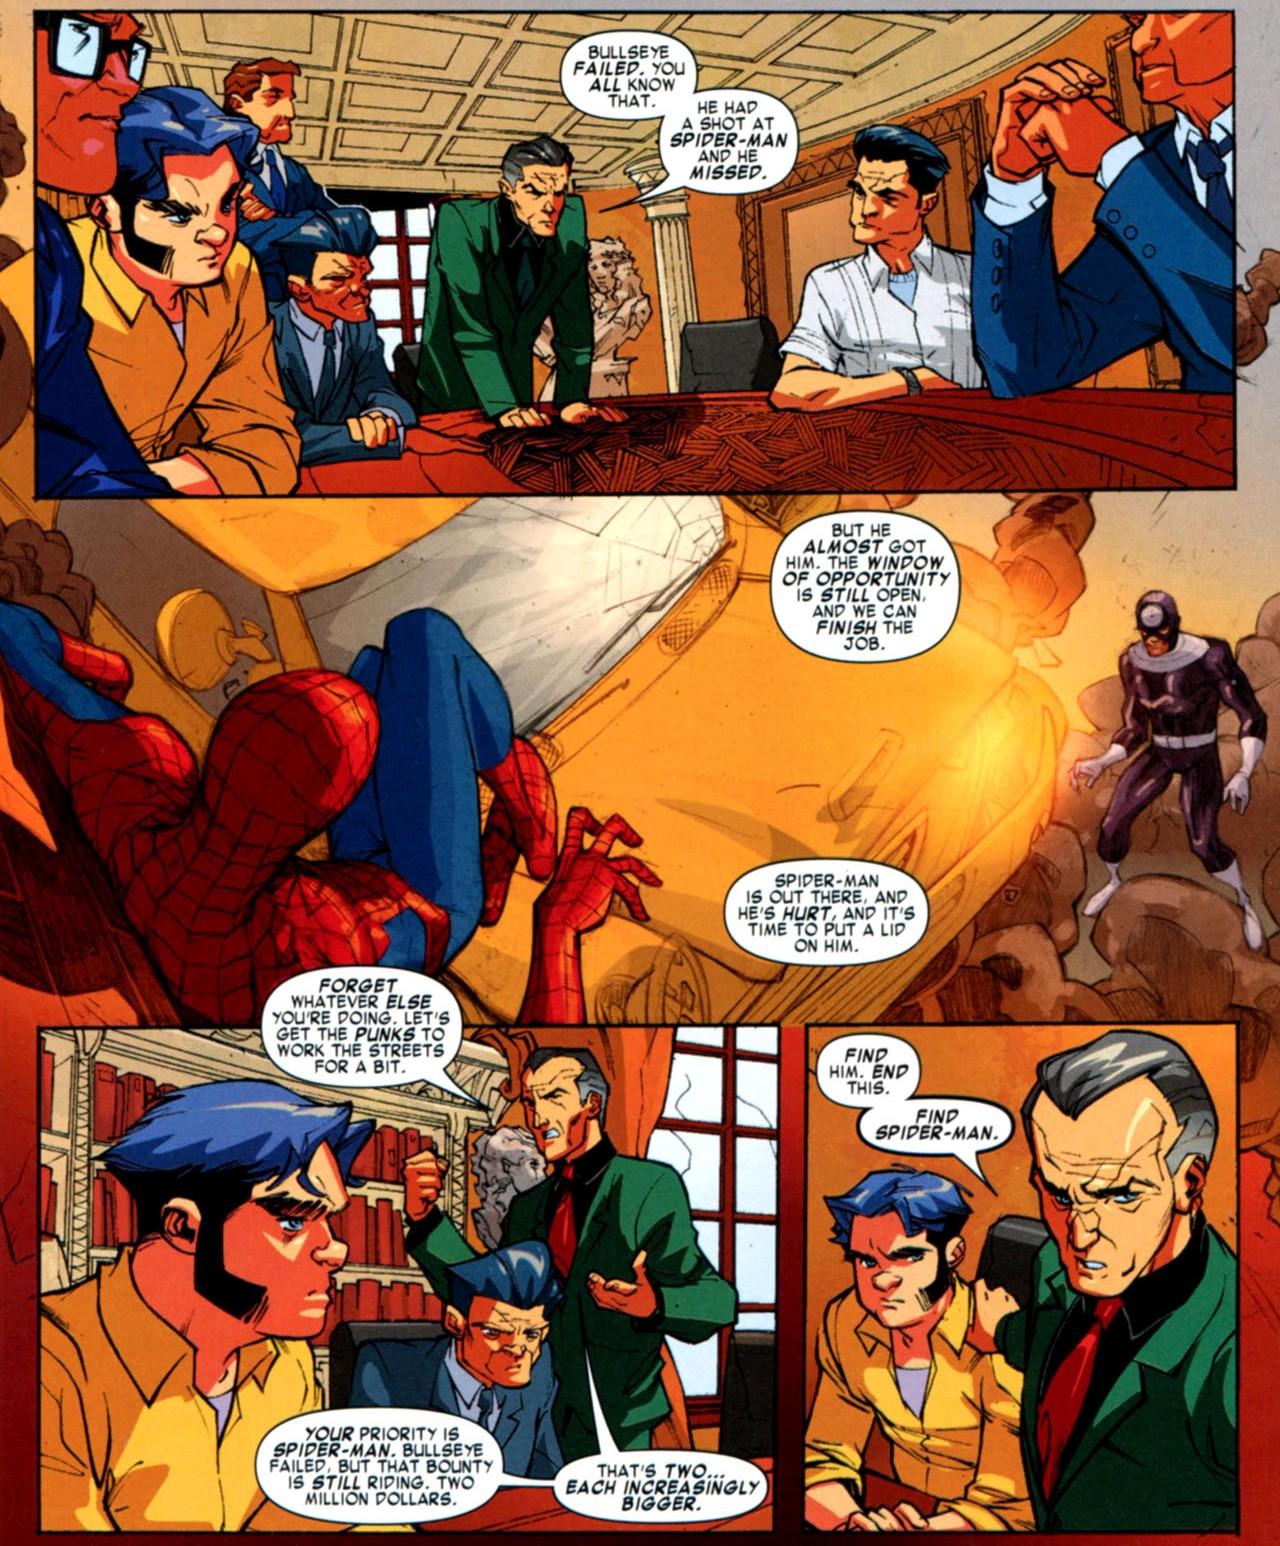 http://2.bp.blogspot.com/_FPAetrvLhD4/TIOYg19lNsI/AAAAAAAABl8/ozYfpjZDxMY/s1600/Marvel+Adventures+Spider-Man+%235+007.jpg